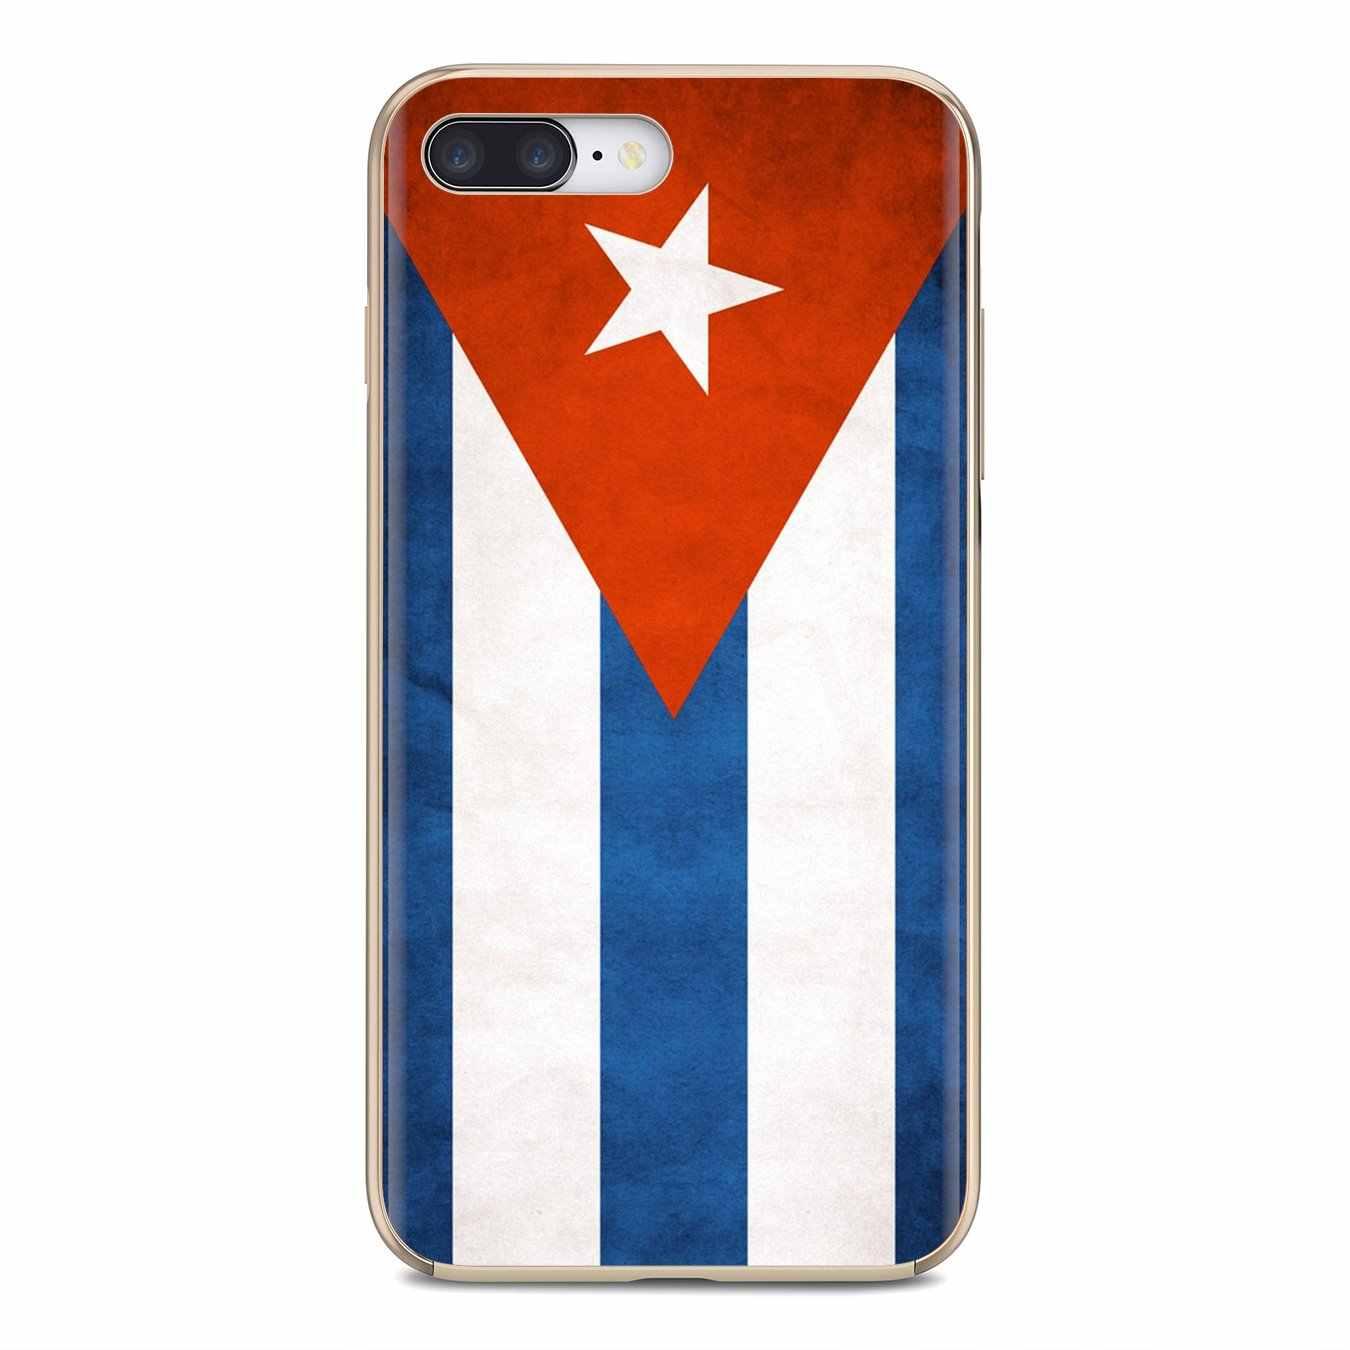 سيليكون الهاتف حالة الكوبية كوبا العلم يطير خط راية ل فون 11 برو 4 4S 5 5S SE 5C 6 6S 7 8 X XR XS زائد ماكس لمسة بود